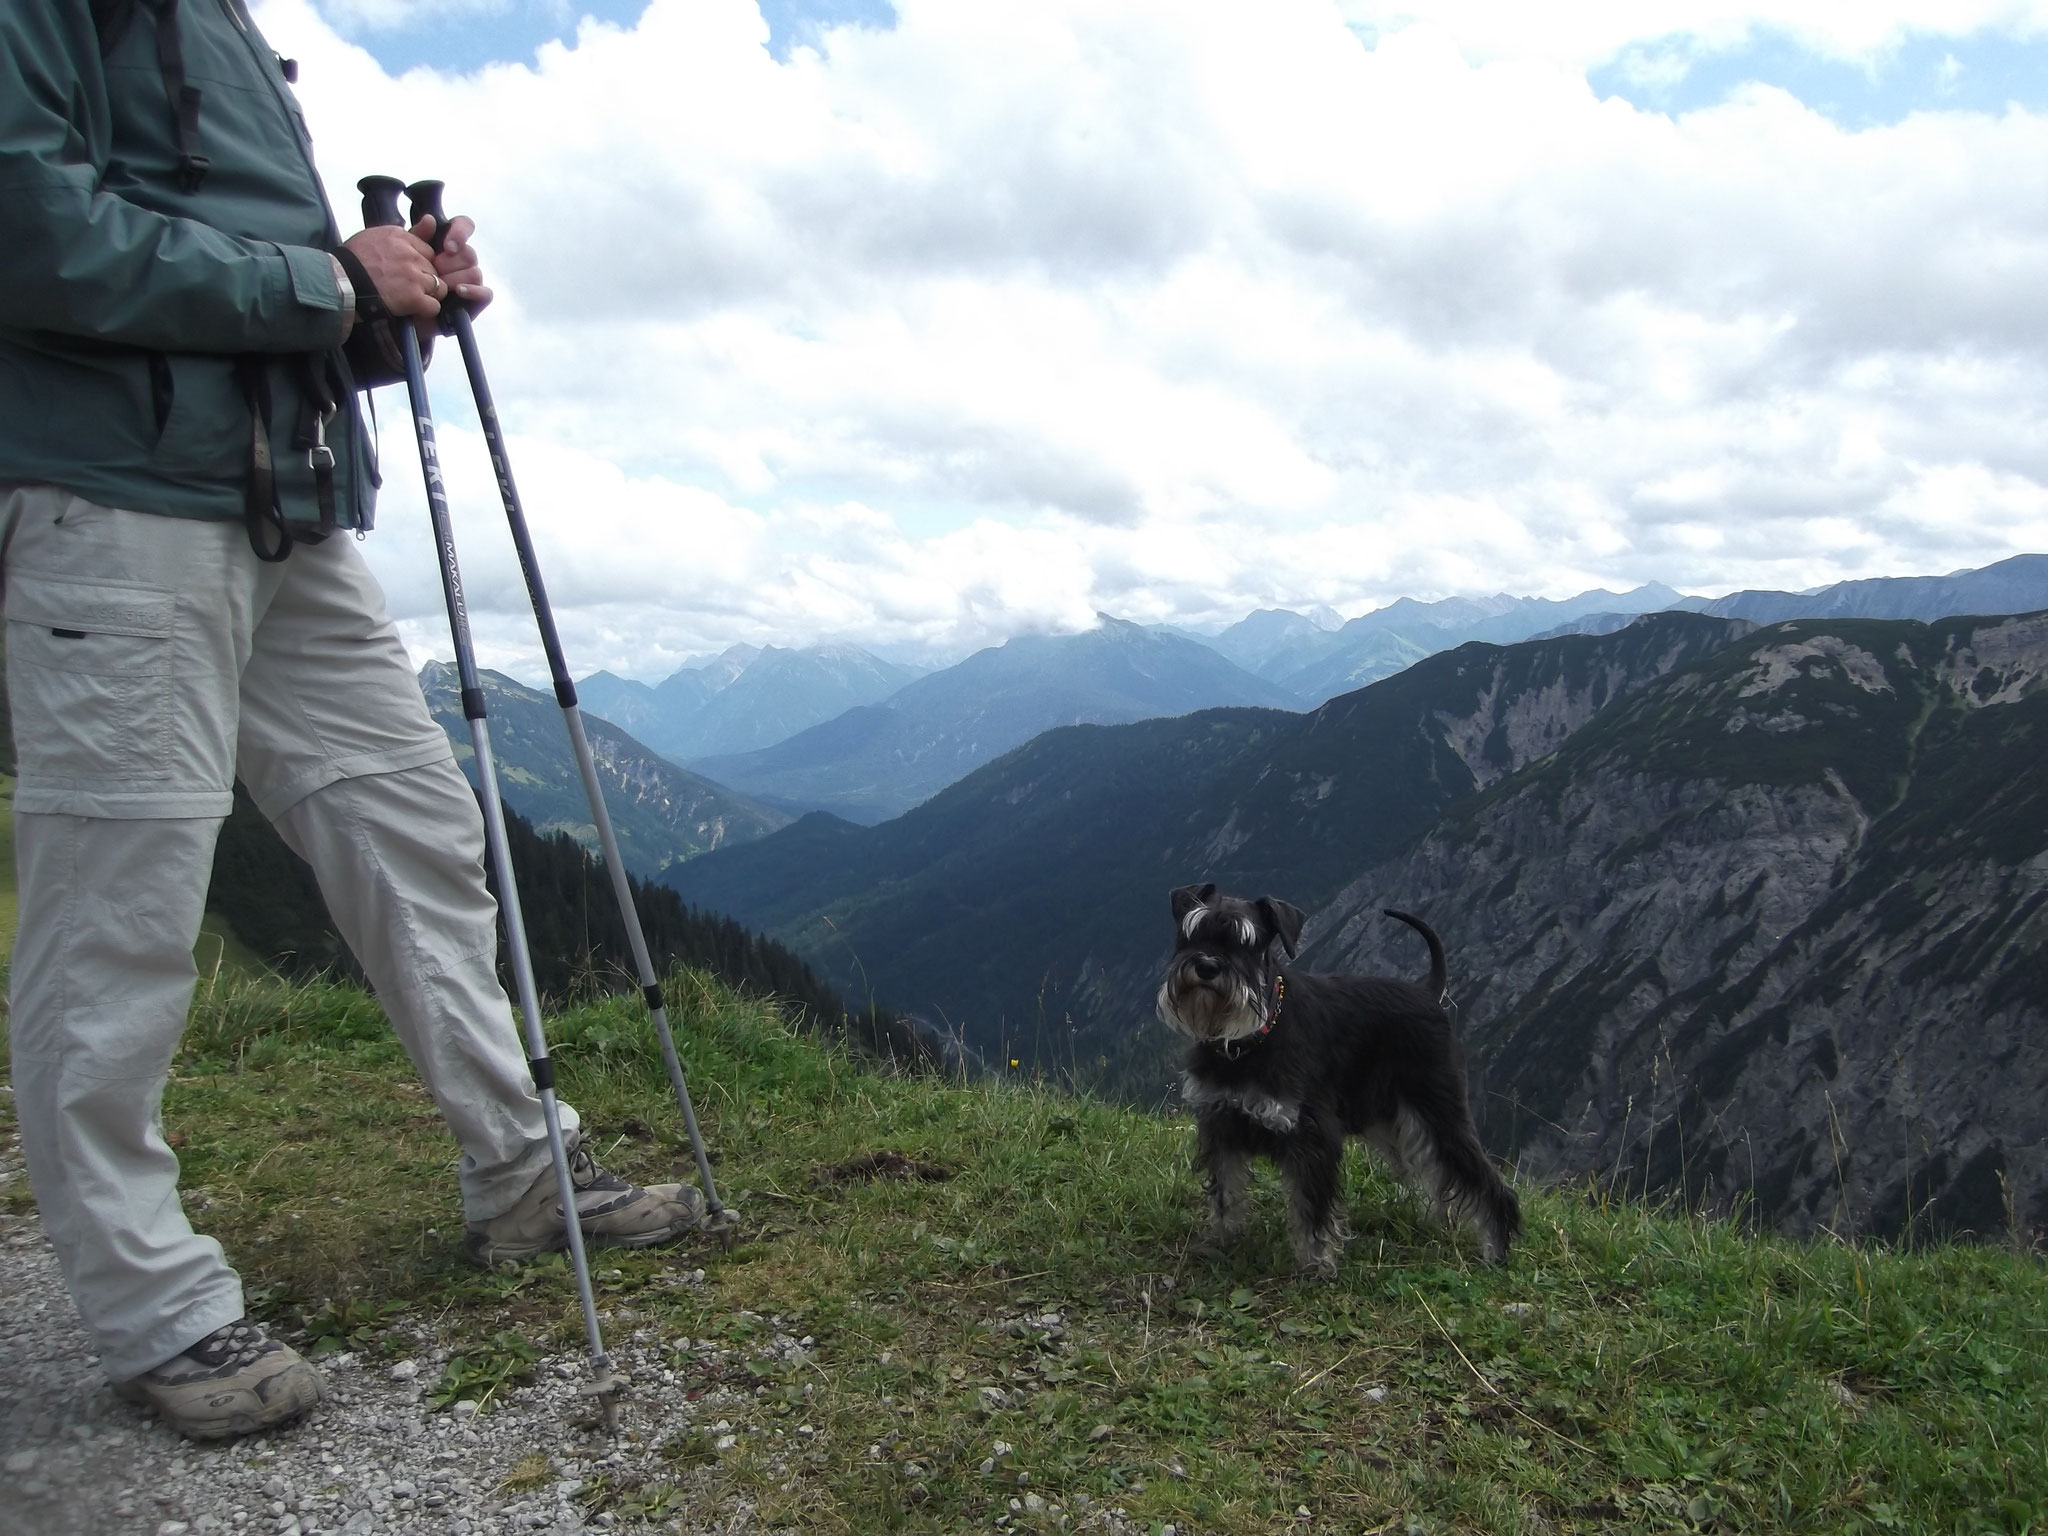 Bergschnauzer Pia